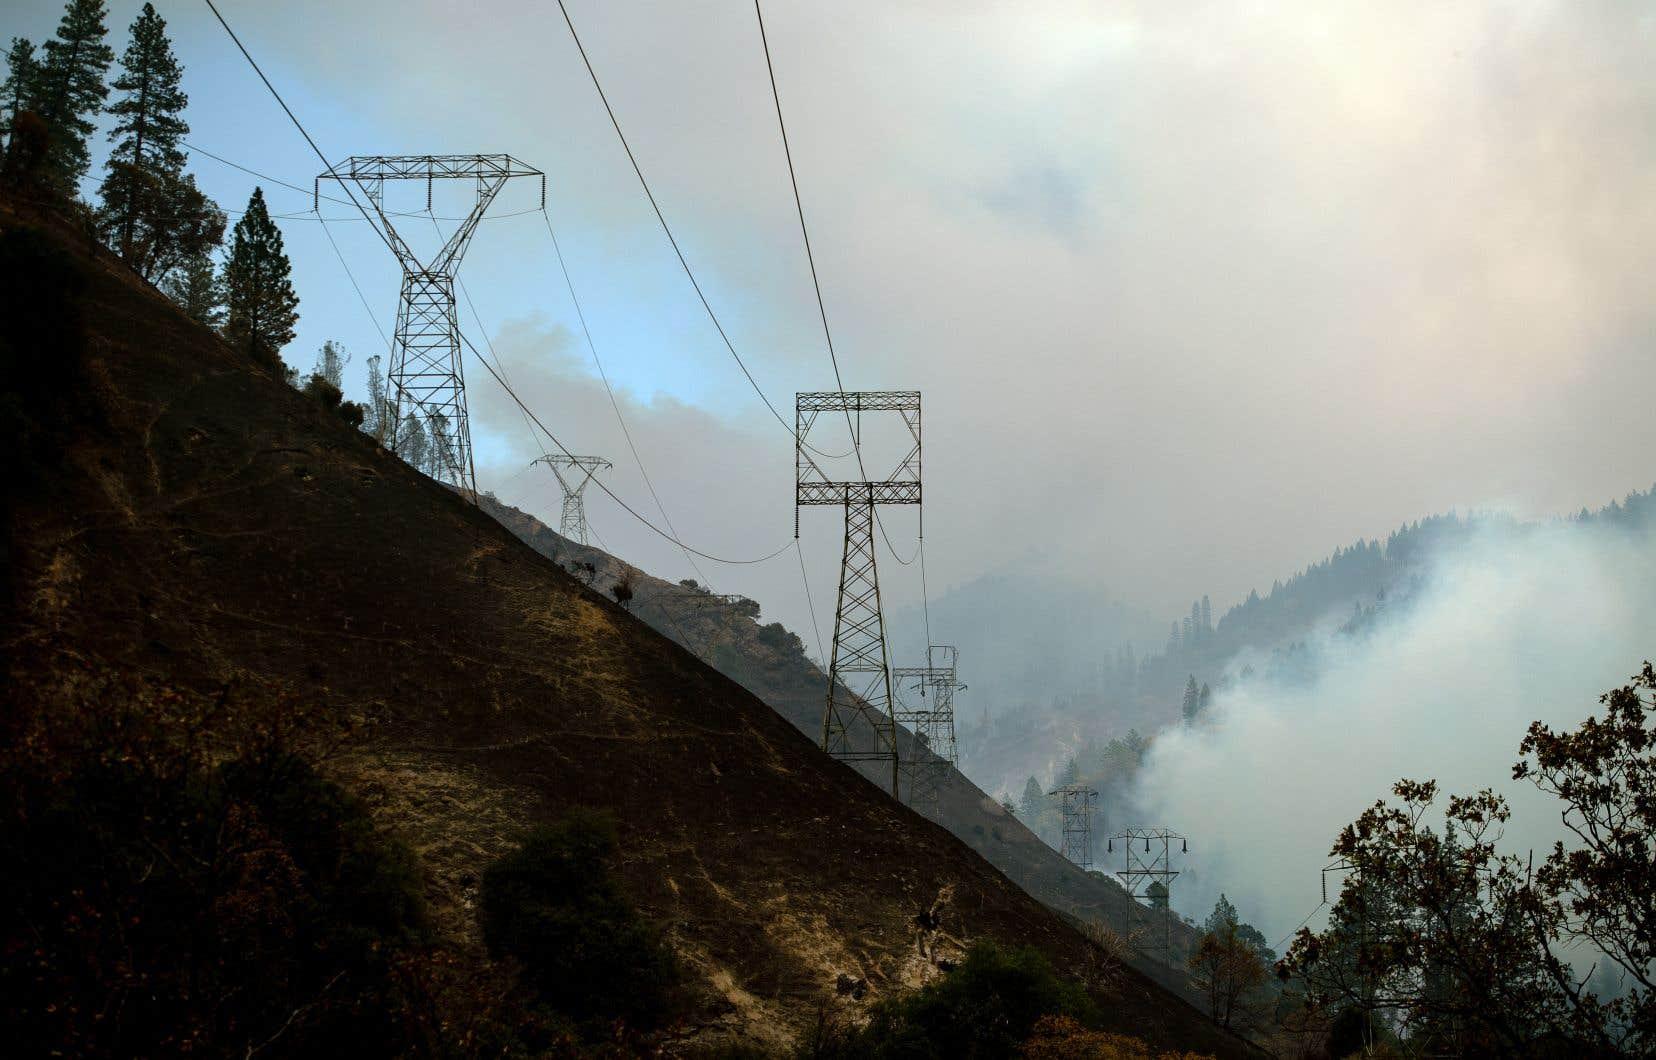 Pacific Gas & Electric est pointée du doigt pour ses installations vétustes et un entretien insuffisant de la végétation autour des lignes à haute tension. La responsabilité de la compagnie est mise en jeu dans les incendies de novembre 2018 (sur la photo).